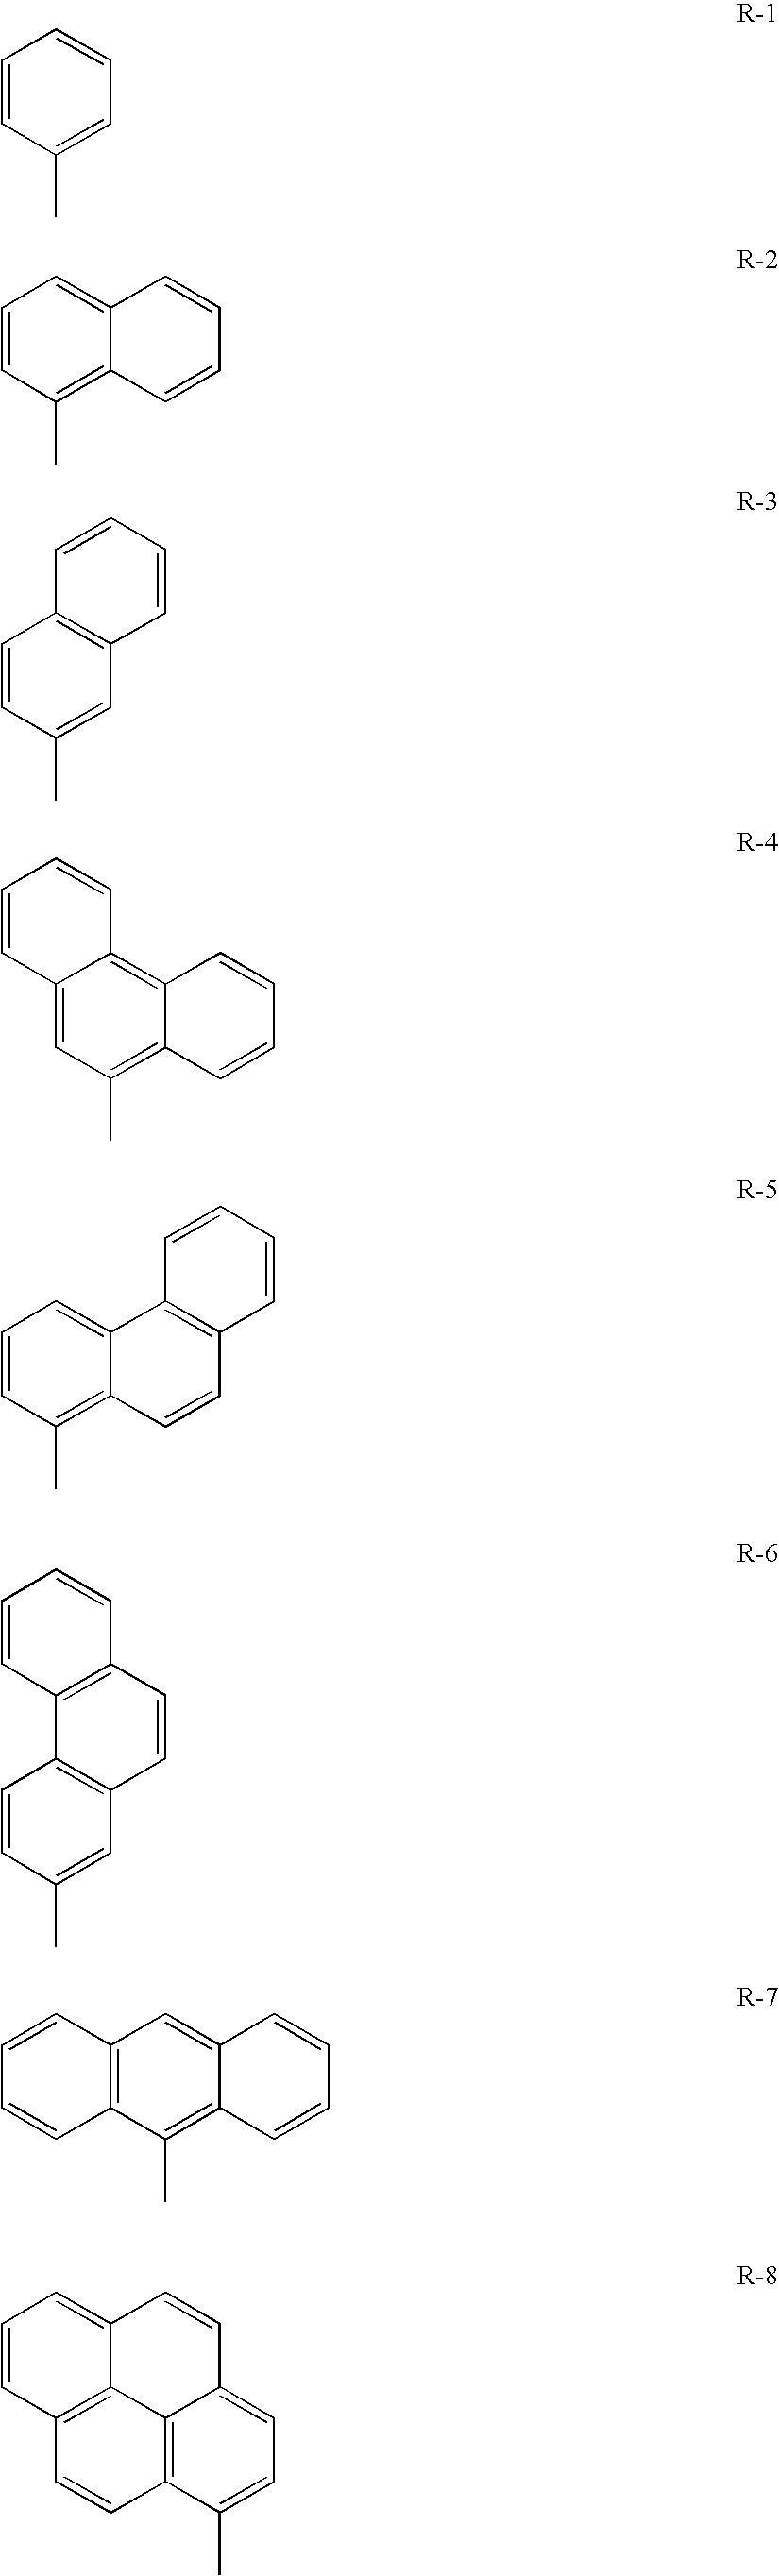 Figure US20060186796A1-20060824-C00020